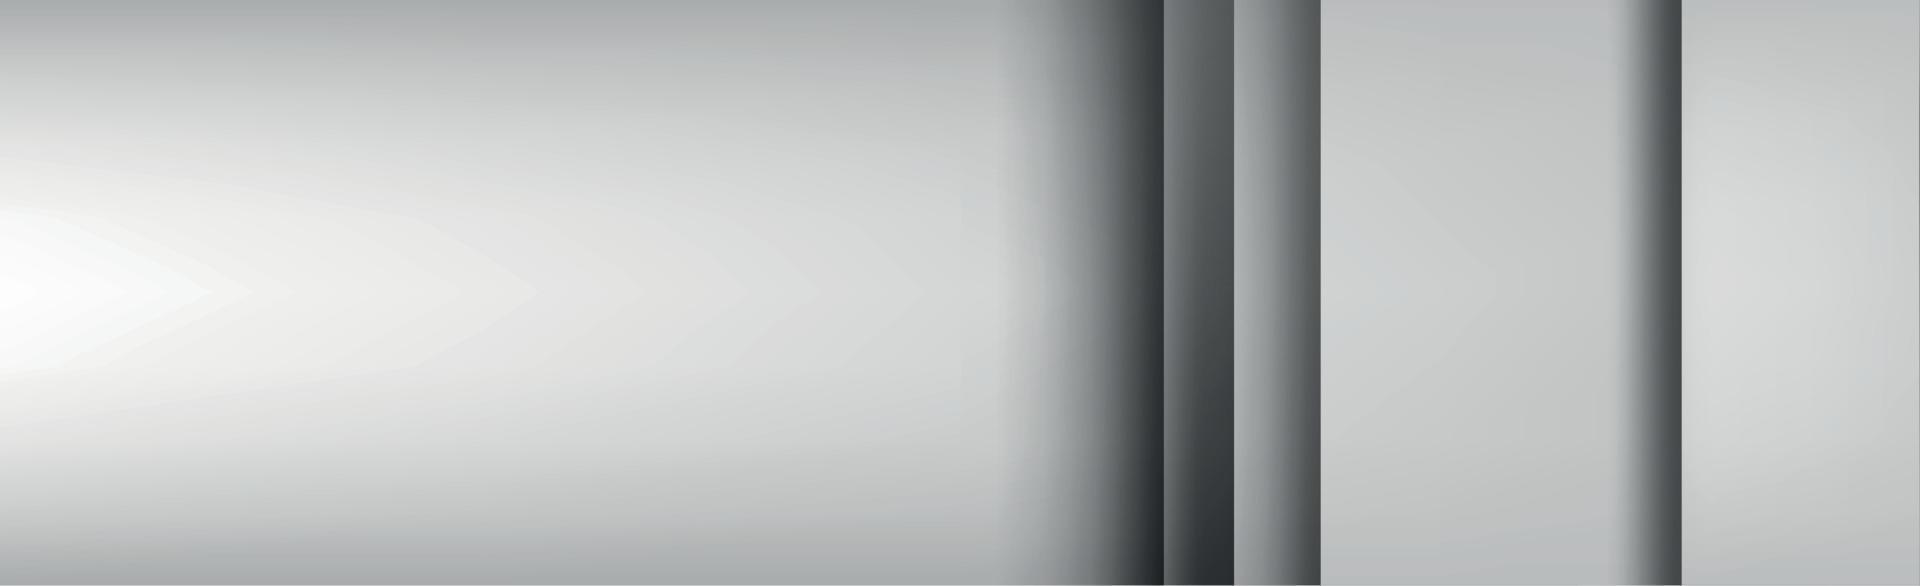 sfondo bianco e grigio con più strati - vettore